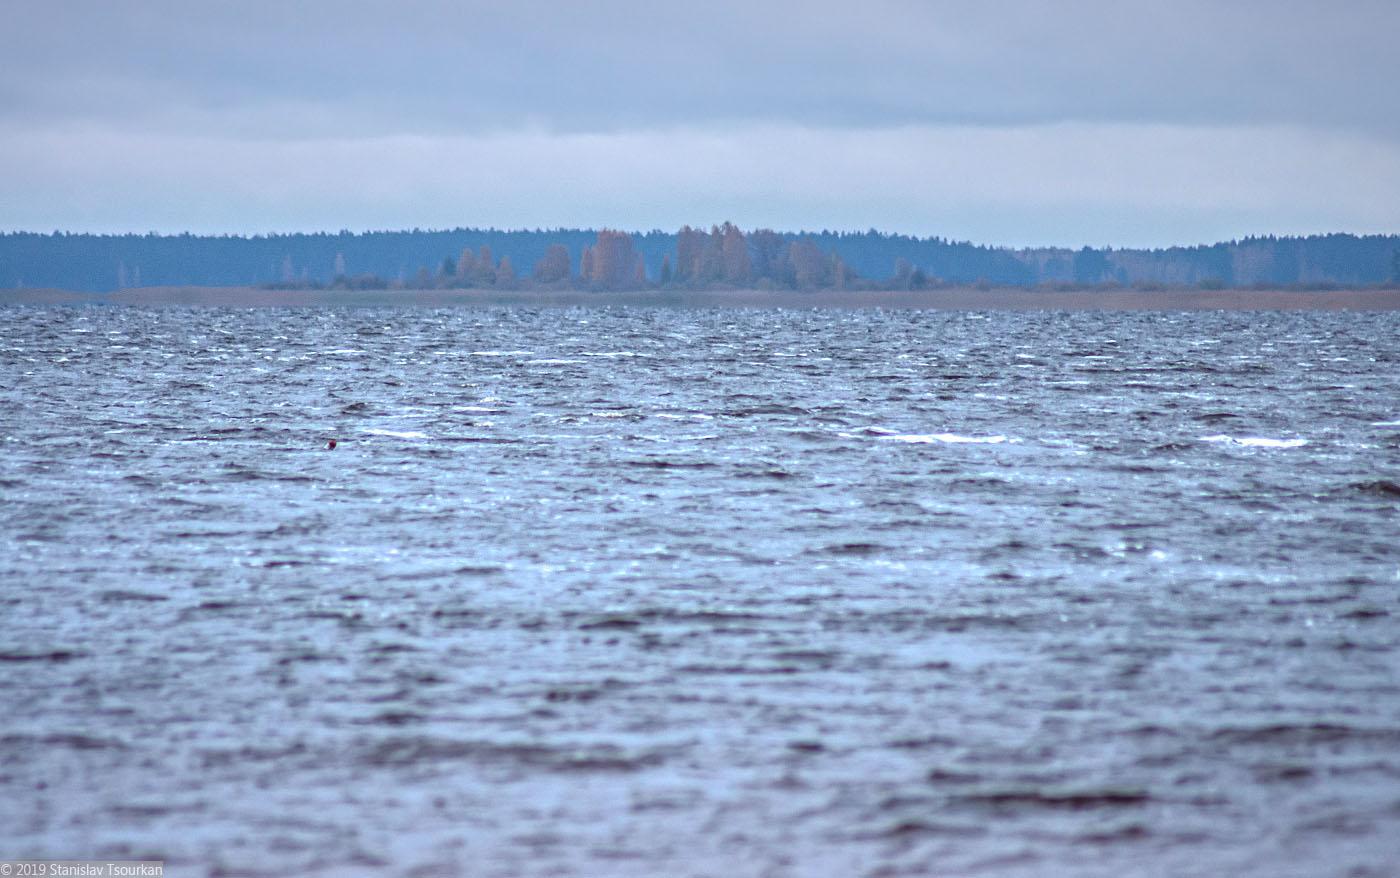 Весьегонск, Тверская область, Рыбинское водохранилище, море, рыбинское море, водохранилище